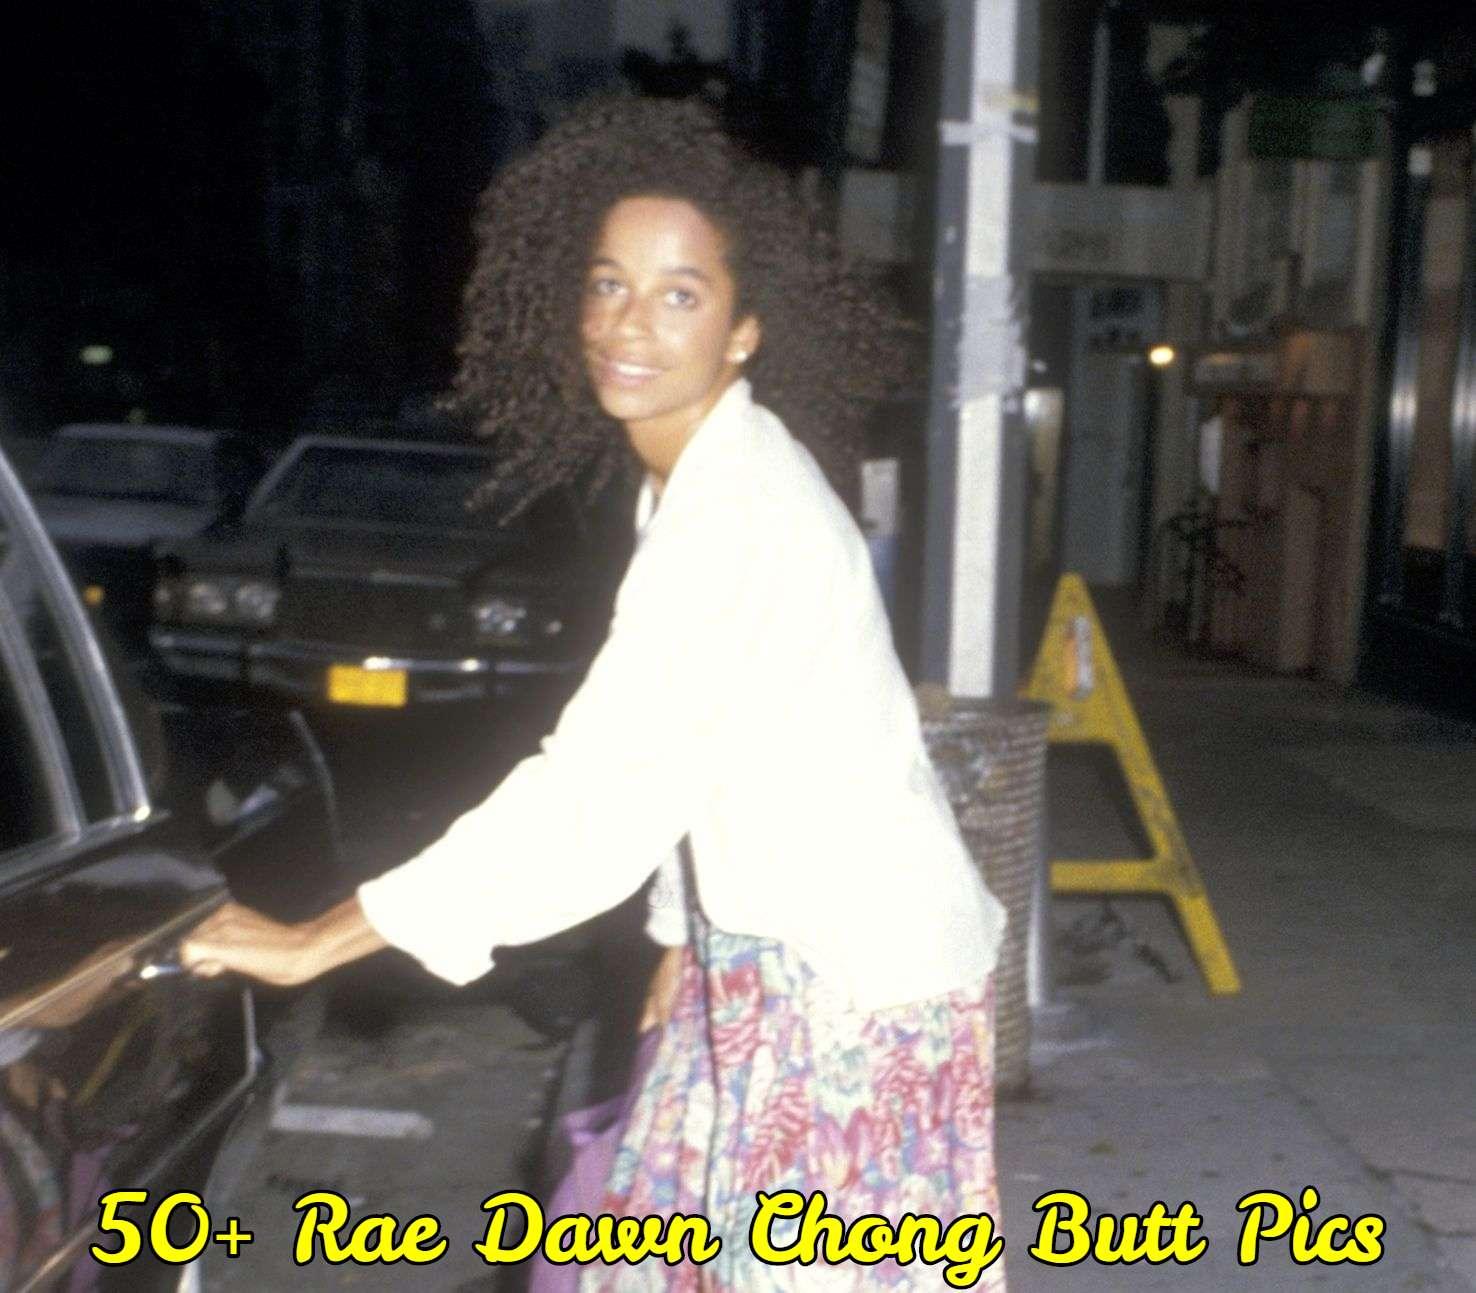 rae dawn chong butt pics